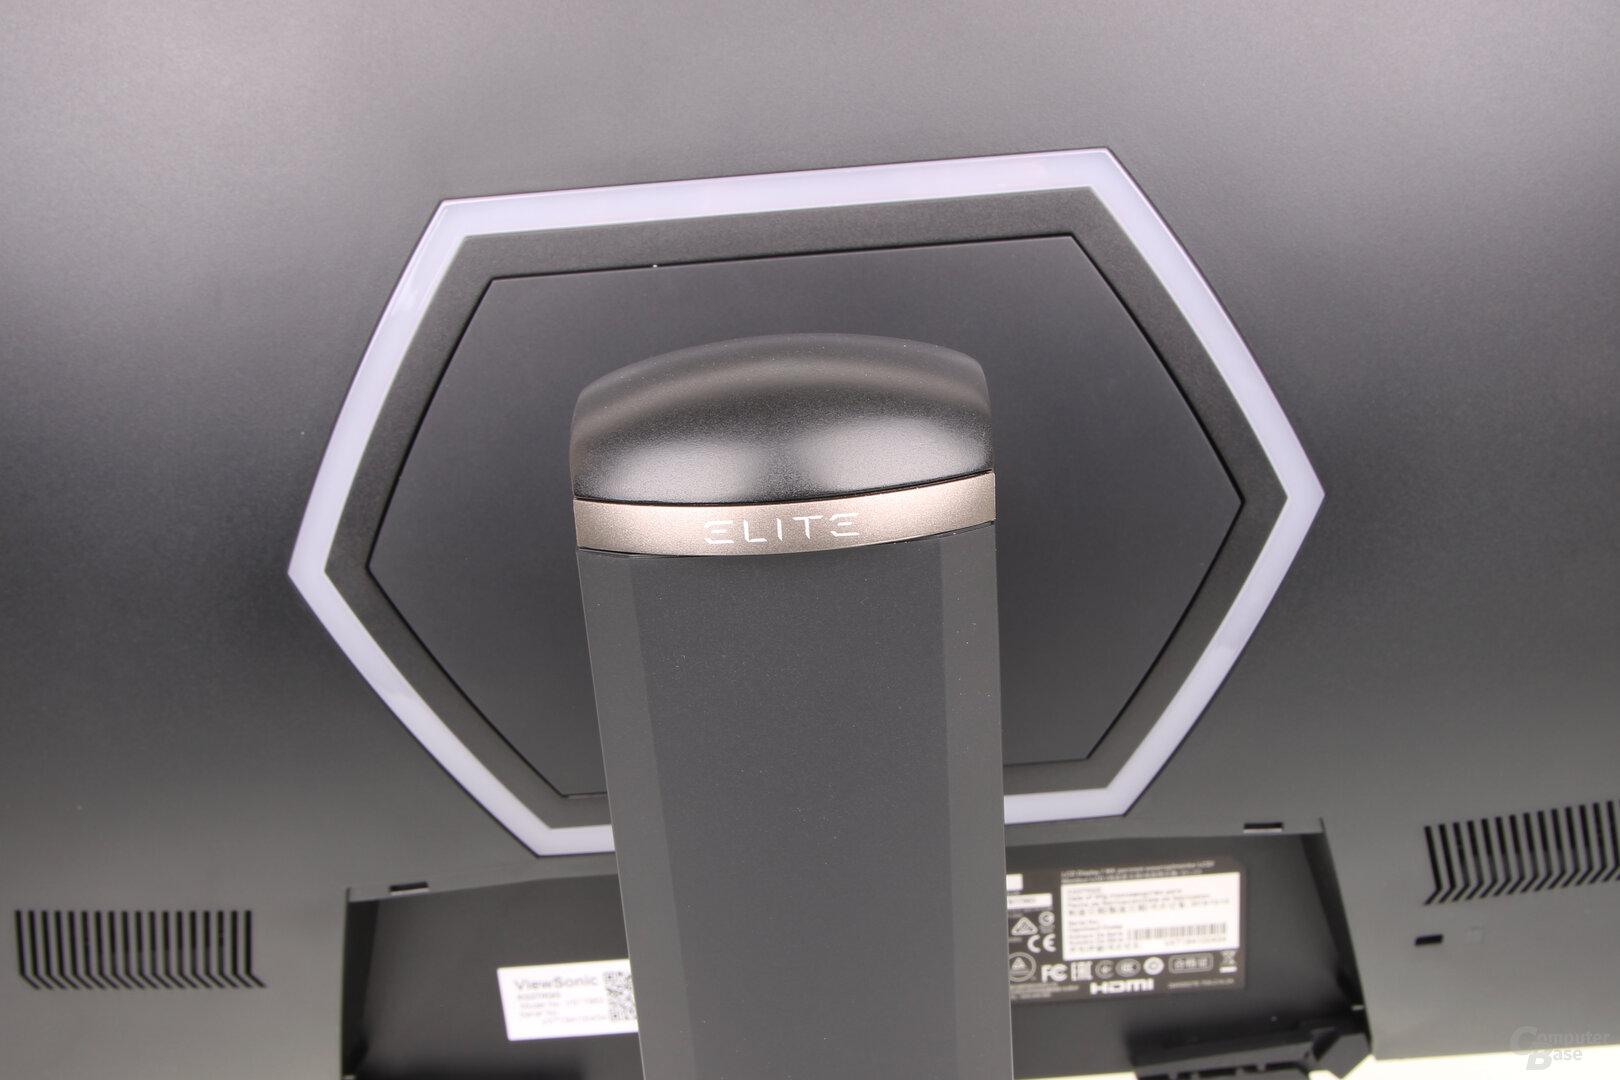 RGB-Beleuchtung an der Rückseite des ViewSonic XG270QG